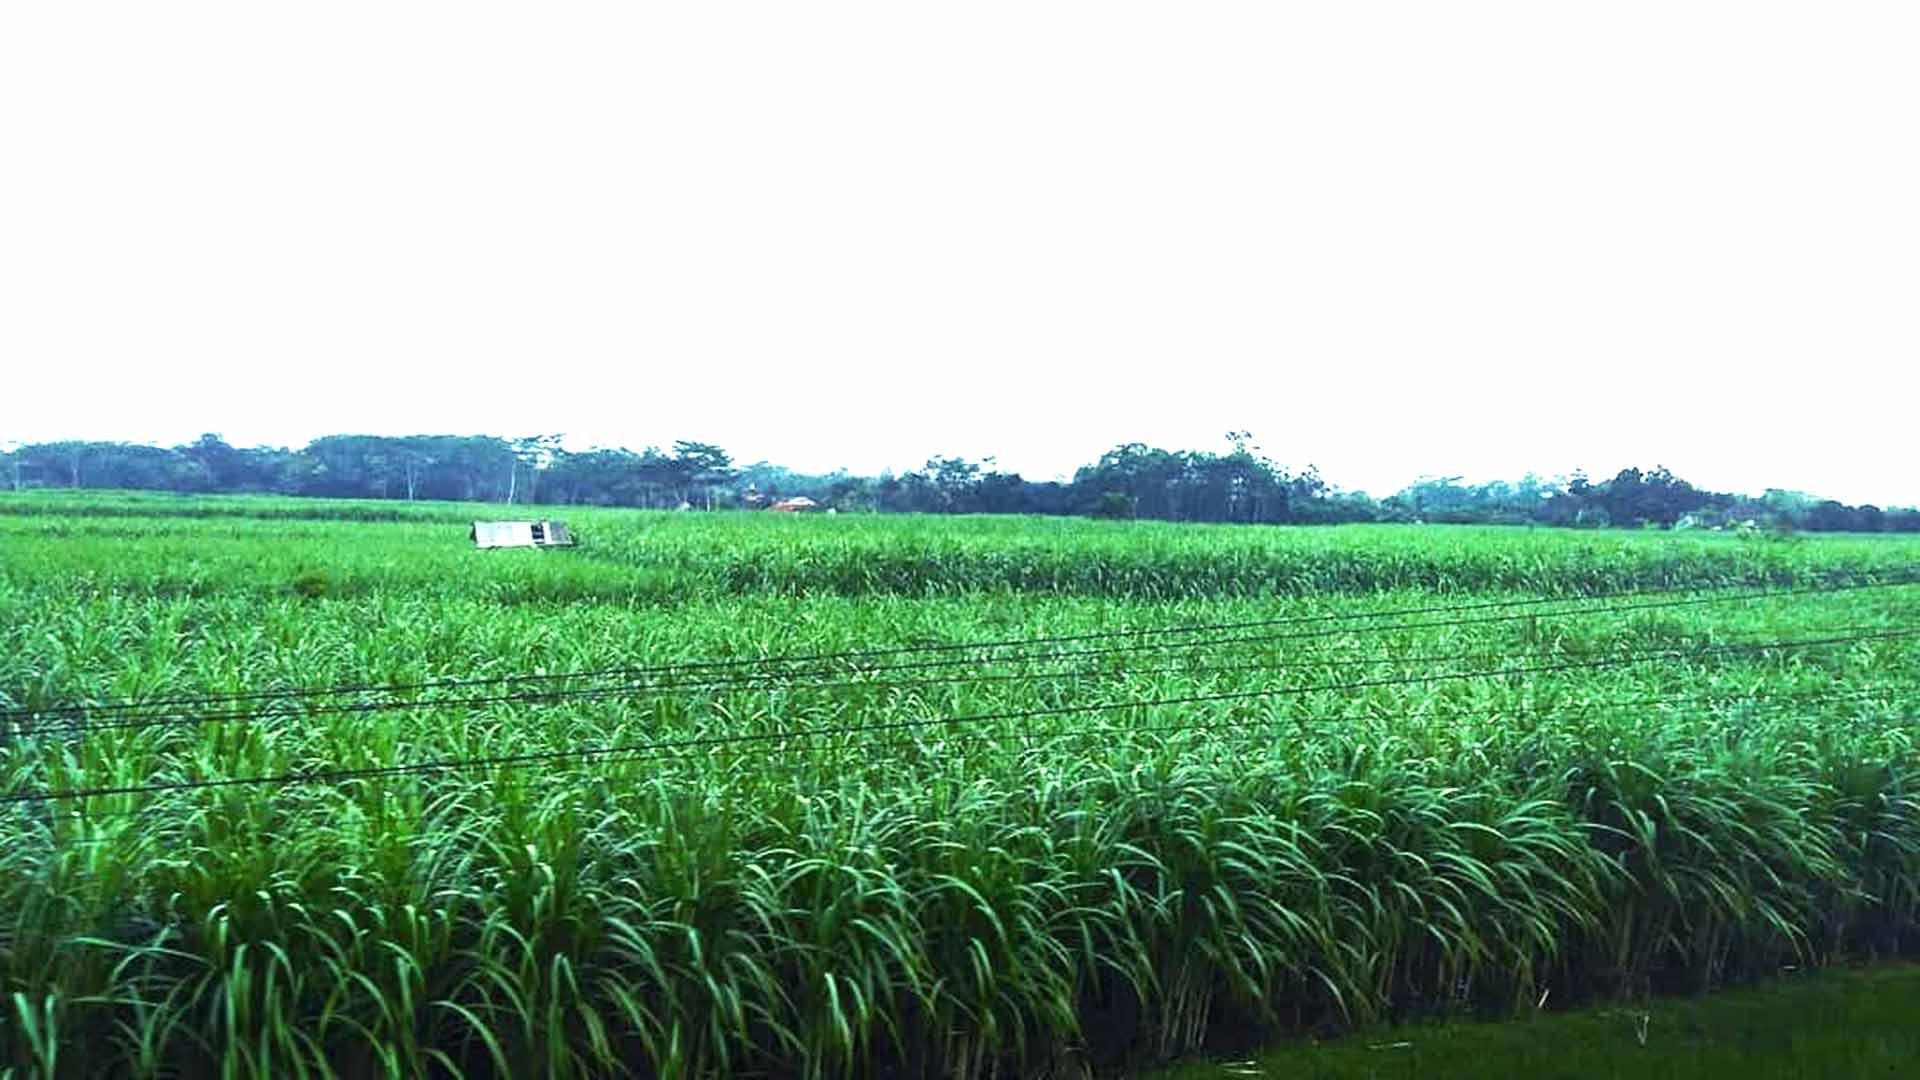 En Çok Şeker Üretimi Yapan Ülkeler?fit=thumb&w=418&h=152&q=80